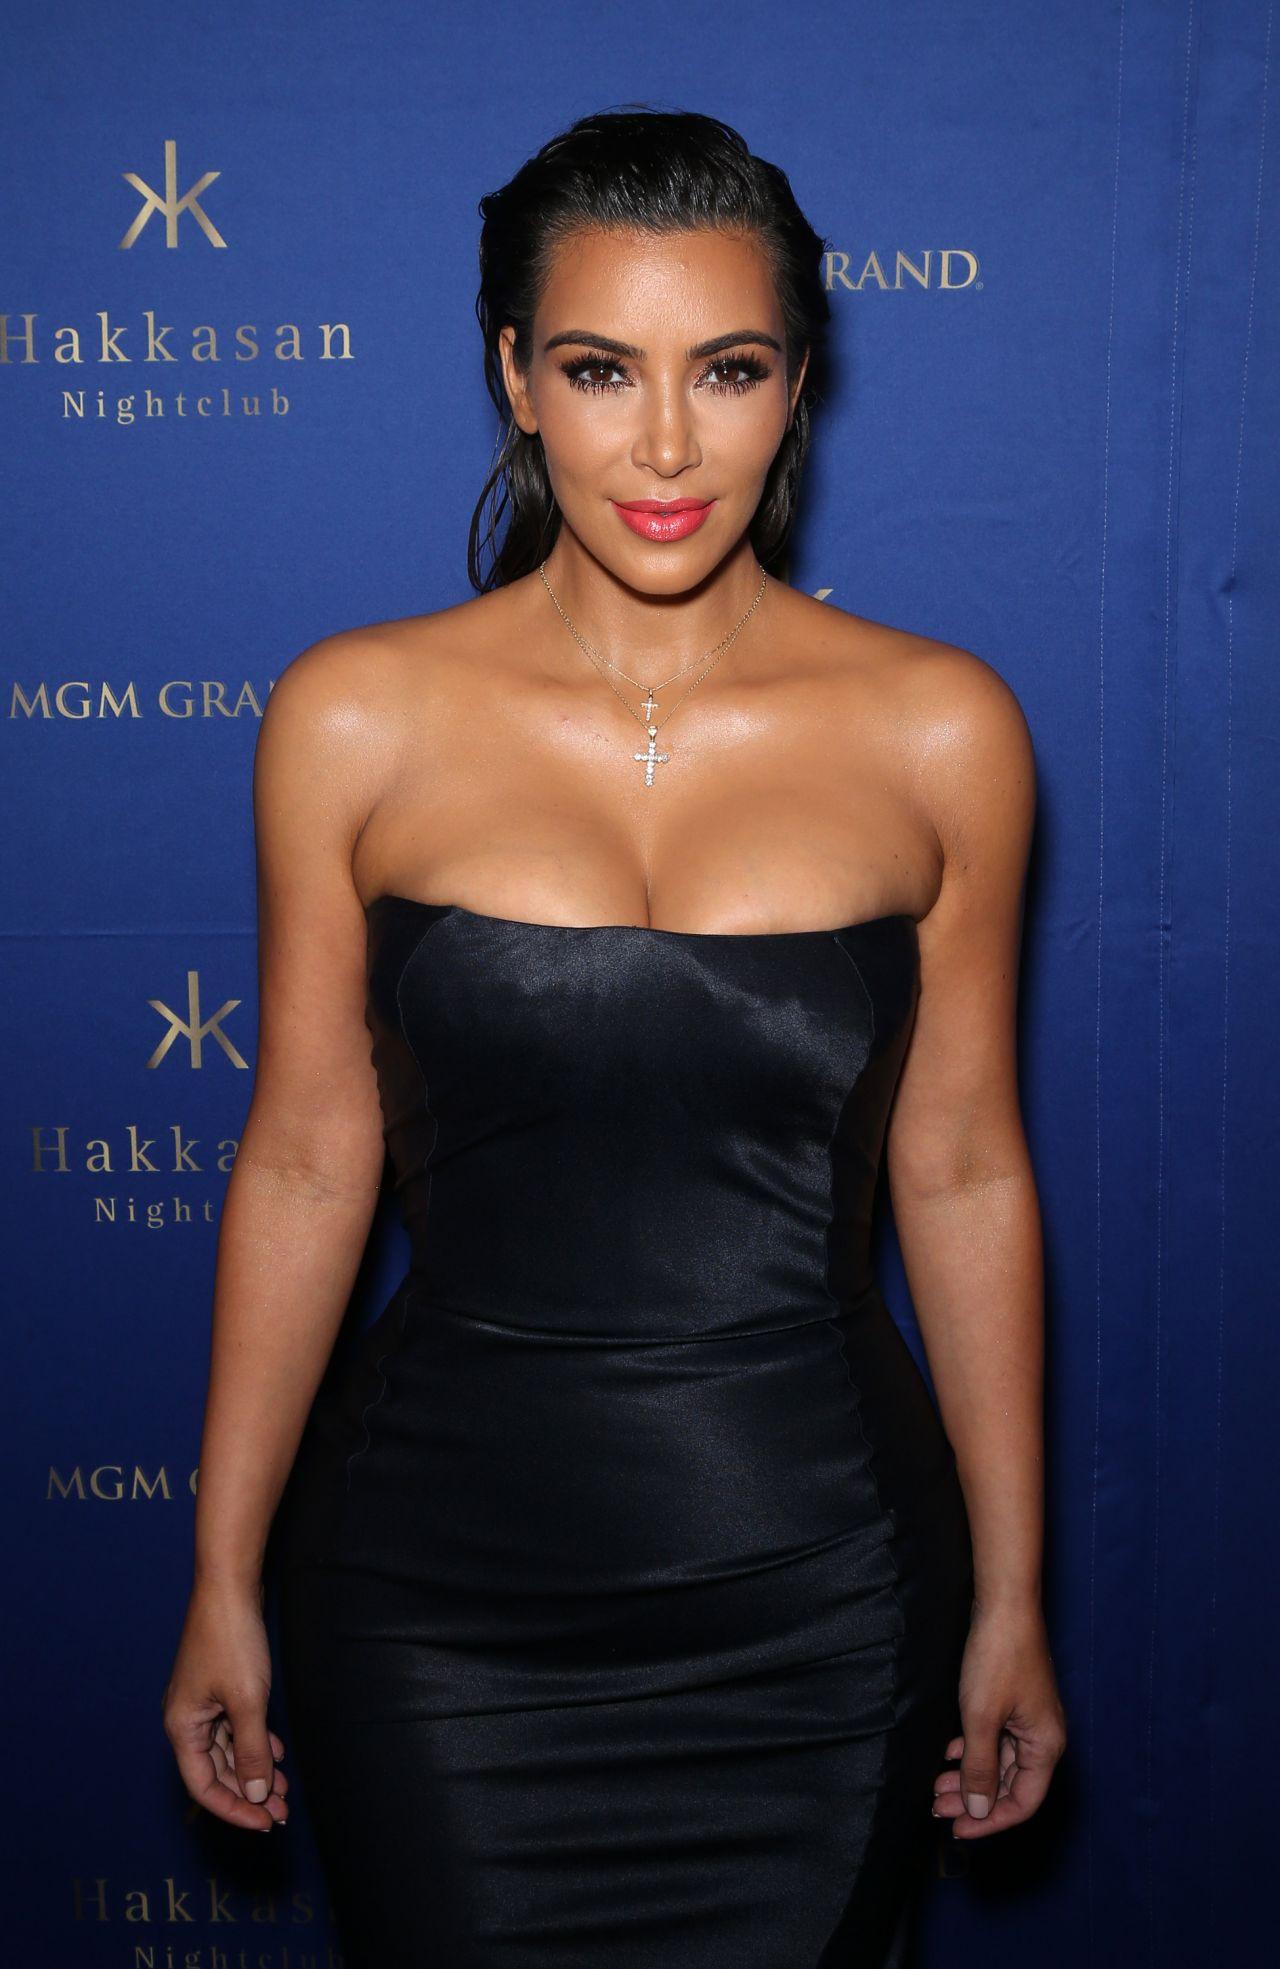 Kim Kardashian at Hakkasan Nightclub in Las Vegas 07/23/2016 Kim Kardashian